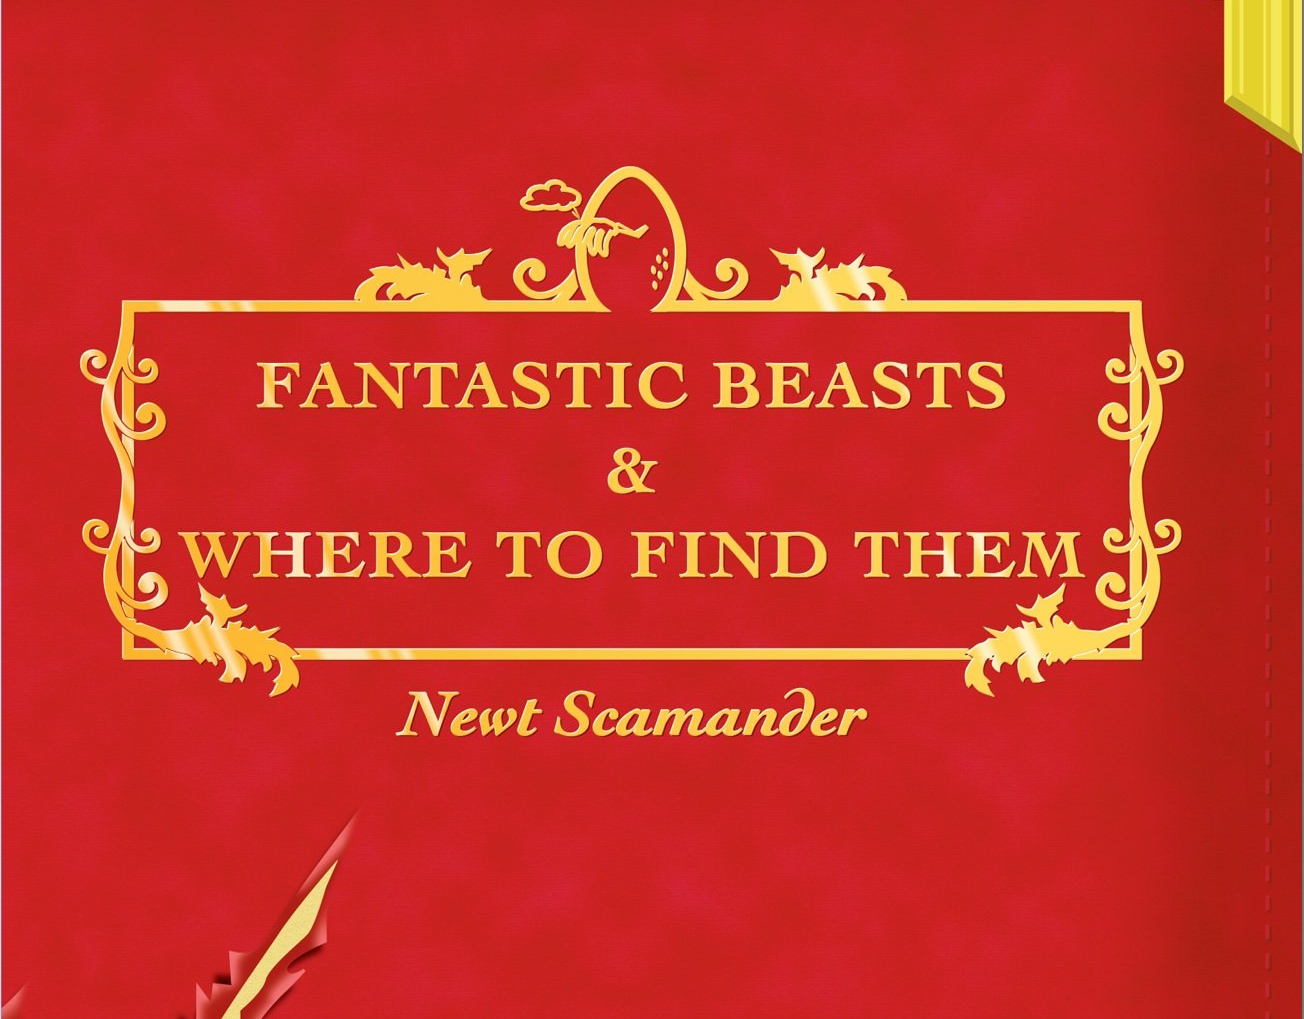 Animales Fantásticos y Dónde Encontrarlos iba a ser un documental inicialmente